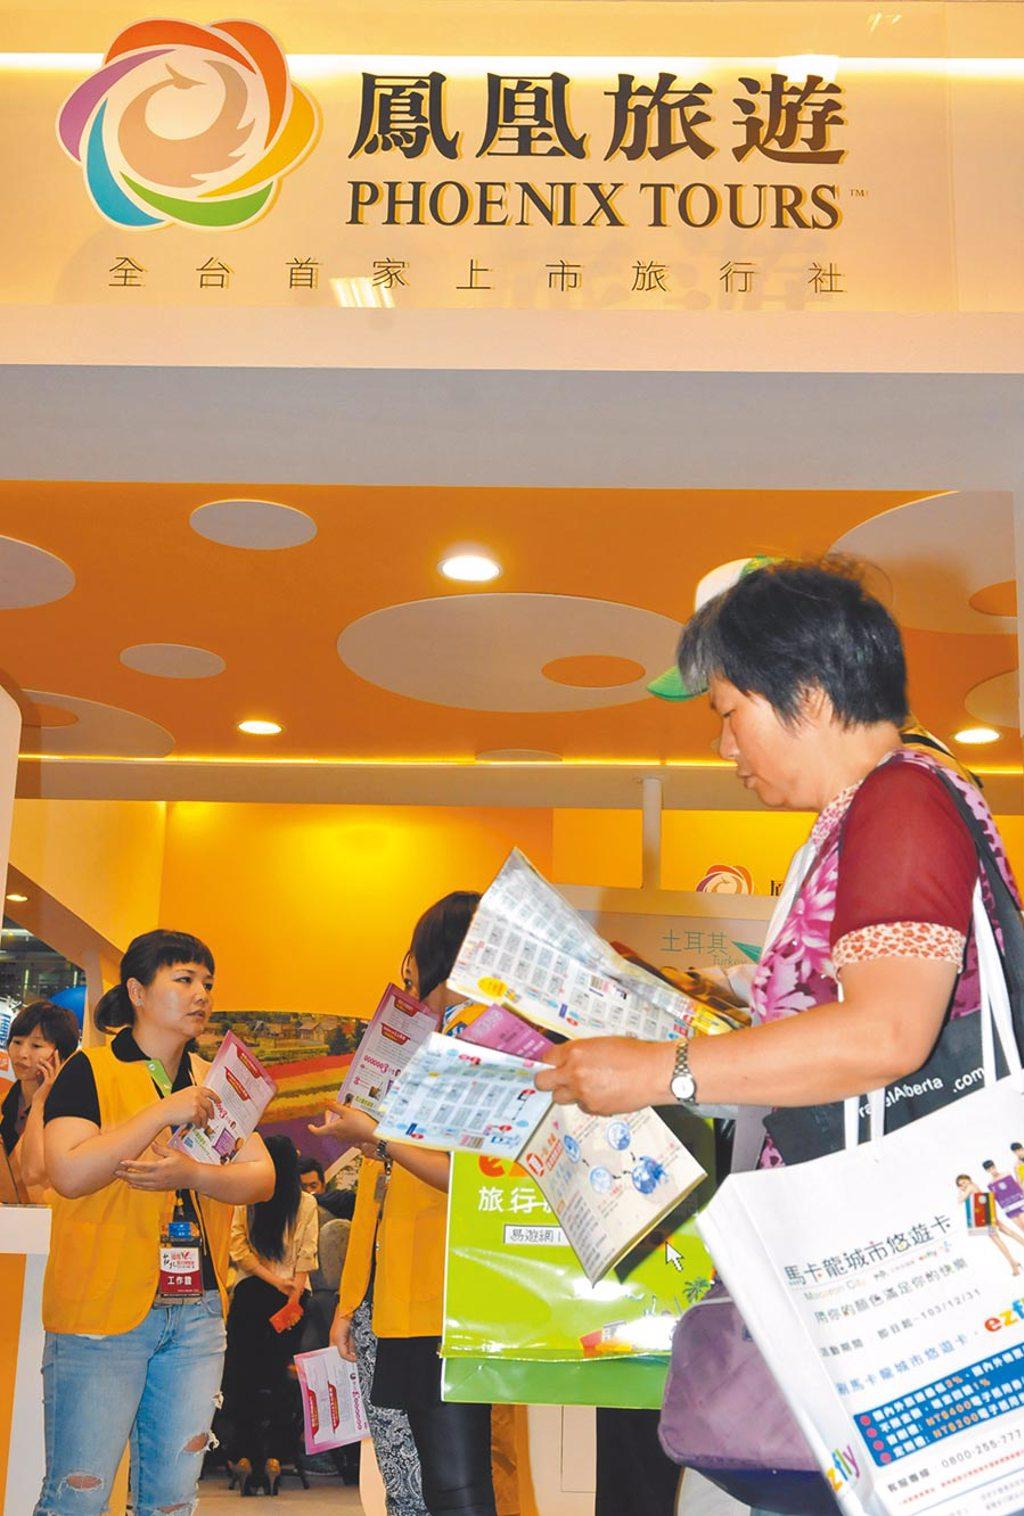 上市旅行社鳳凰旅行社宣布裁員,初步規畫裁40人,占全員工數約13%。(本報資料照片)